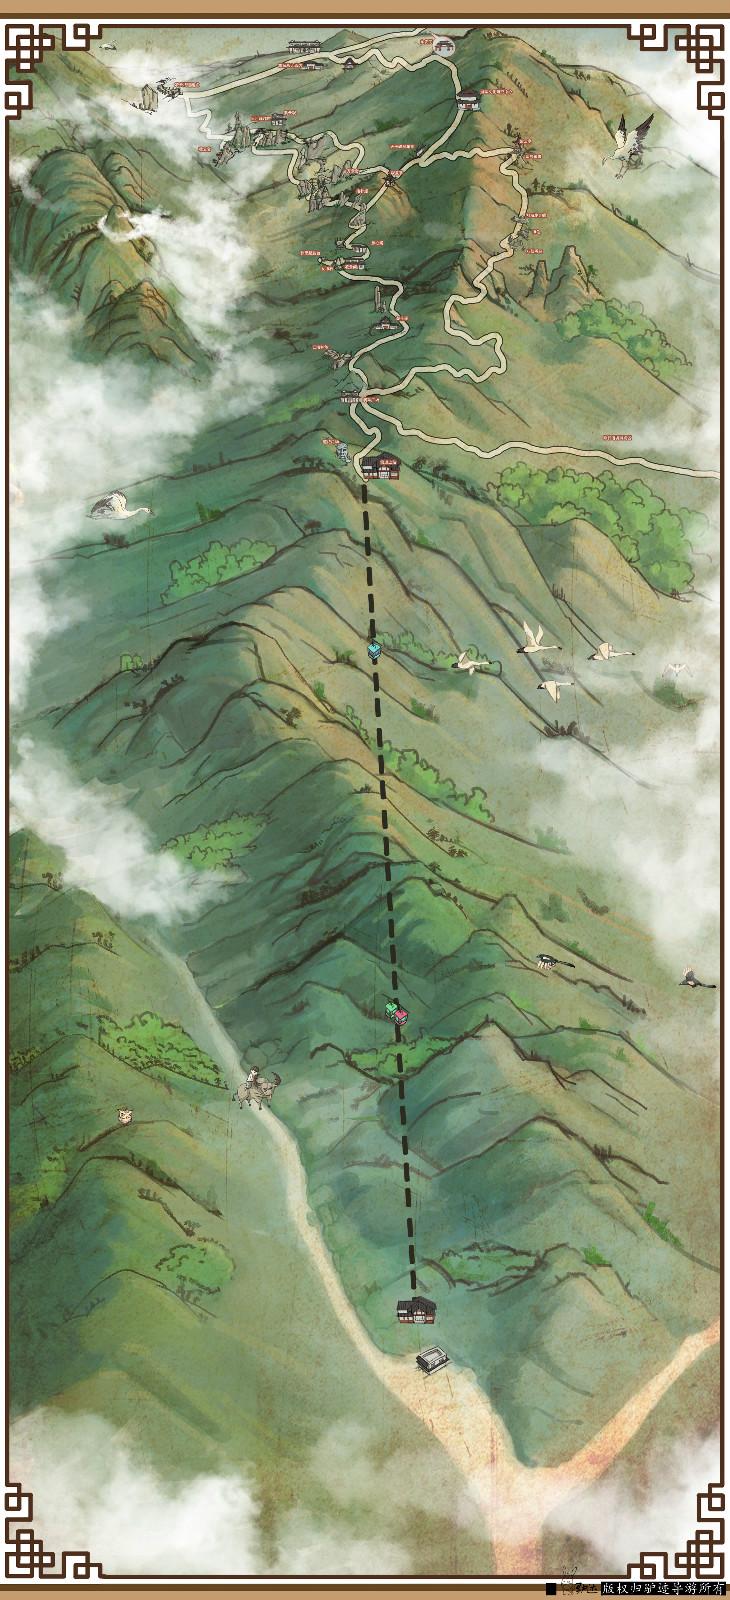 羊狮慕景区手机导游【全景地图、园内导航、线